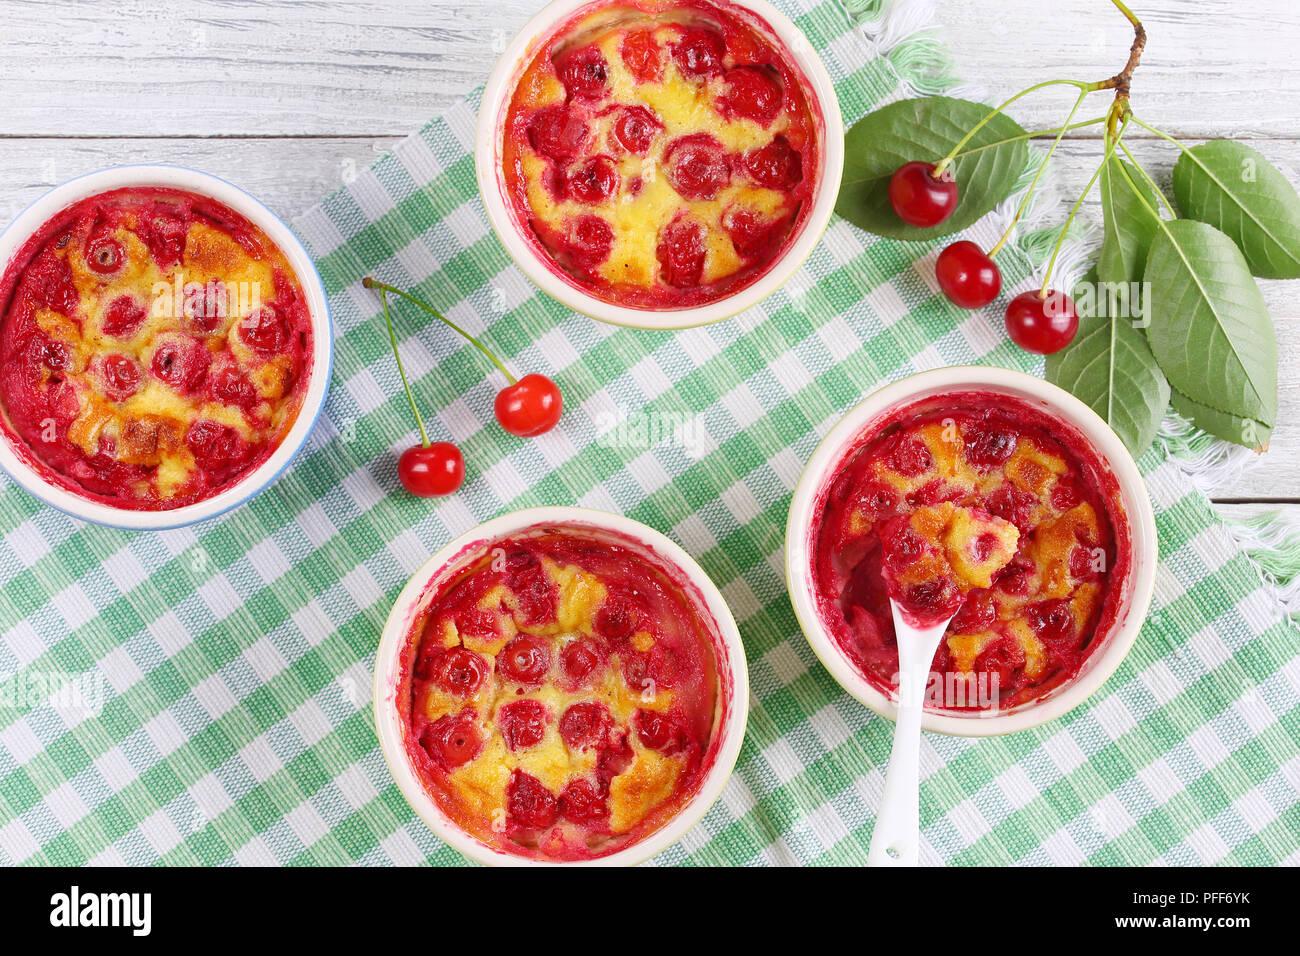 Leckere Sour Cherry Clafoutis Klassische Franzosische Susse Frucht